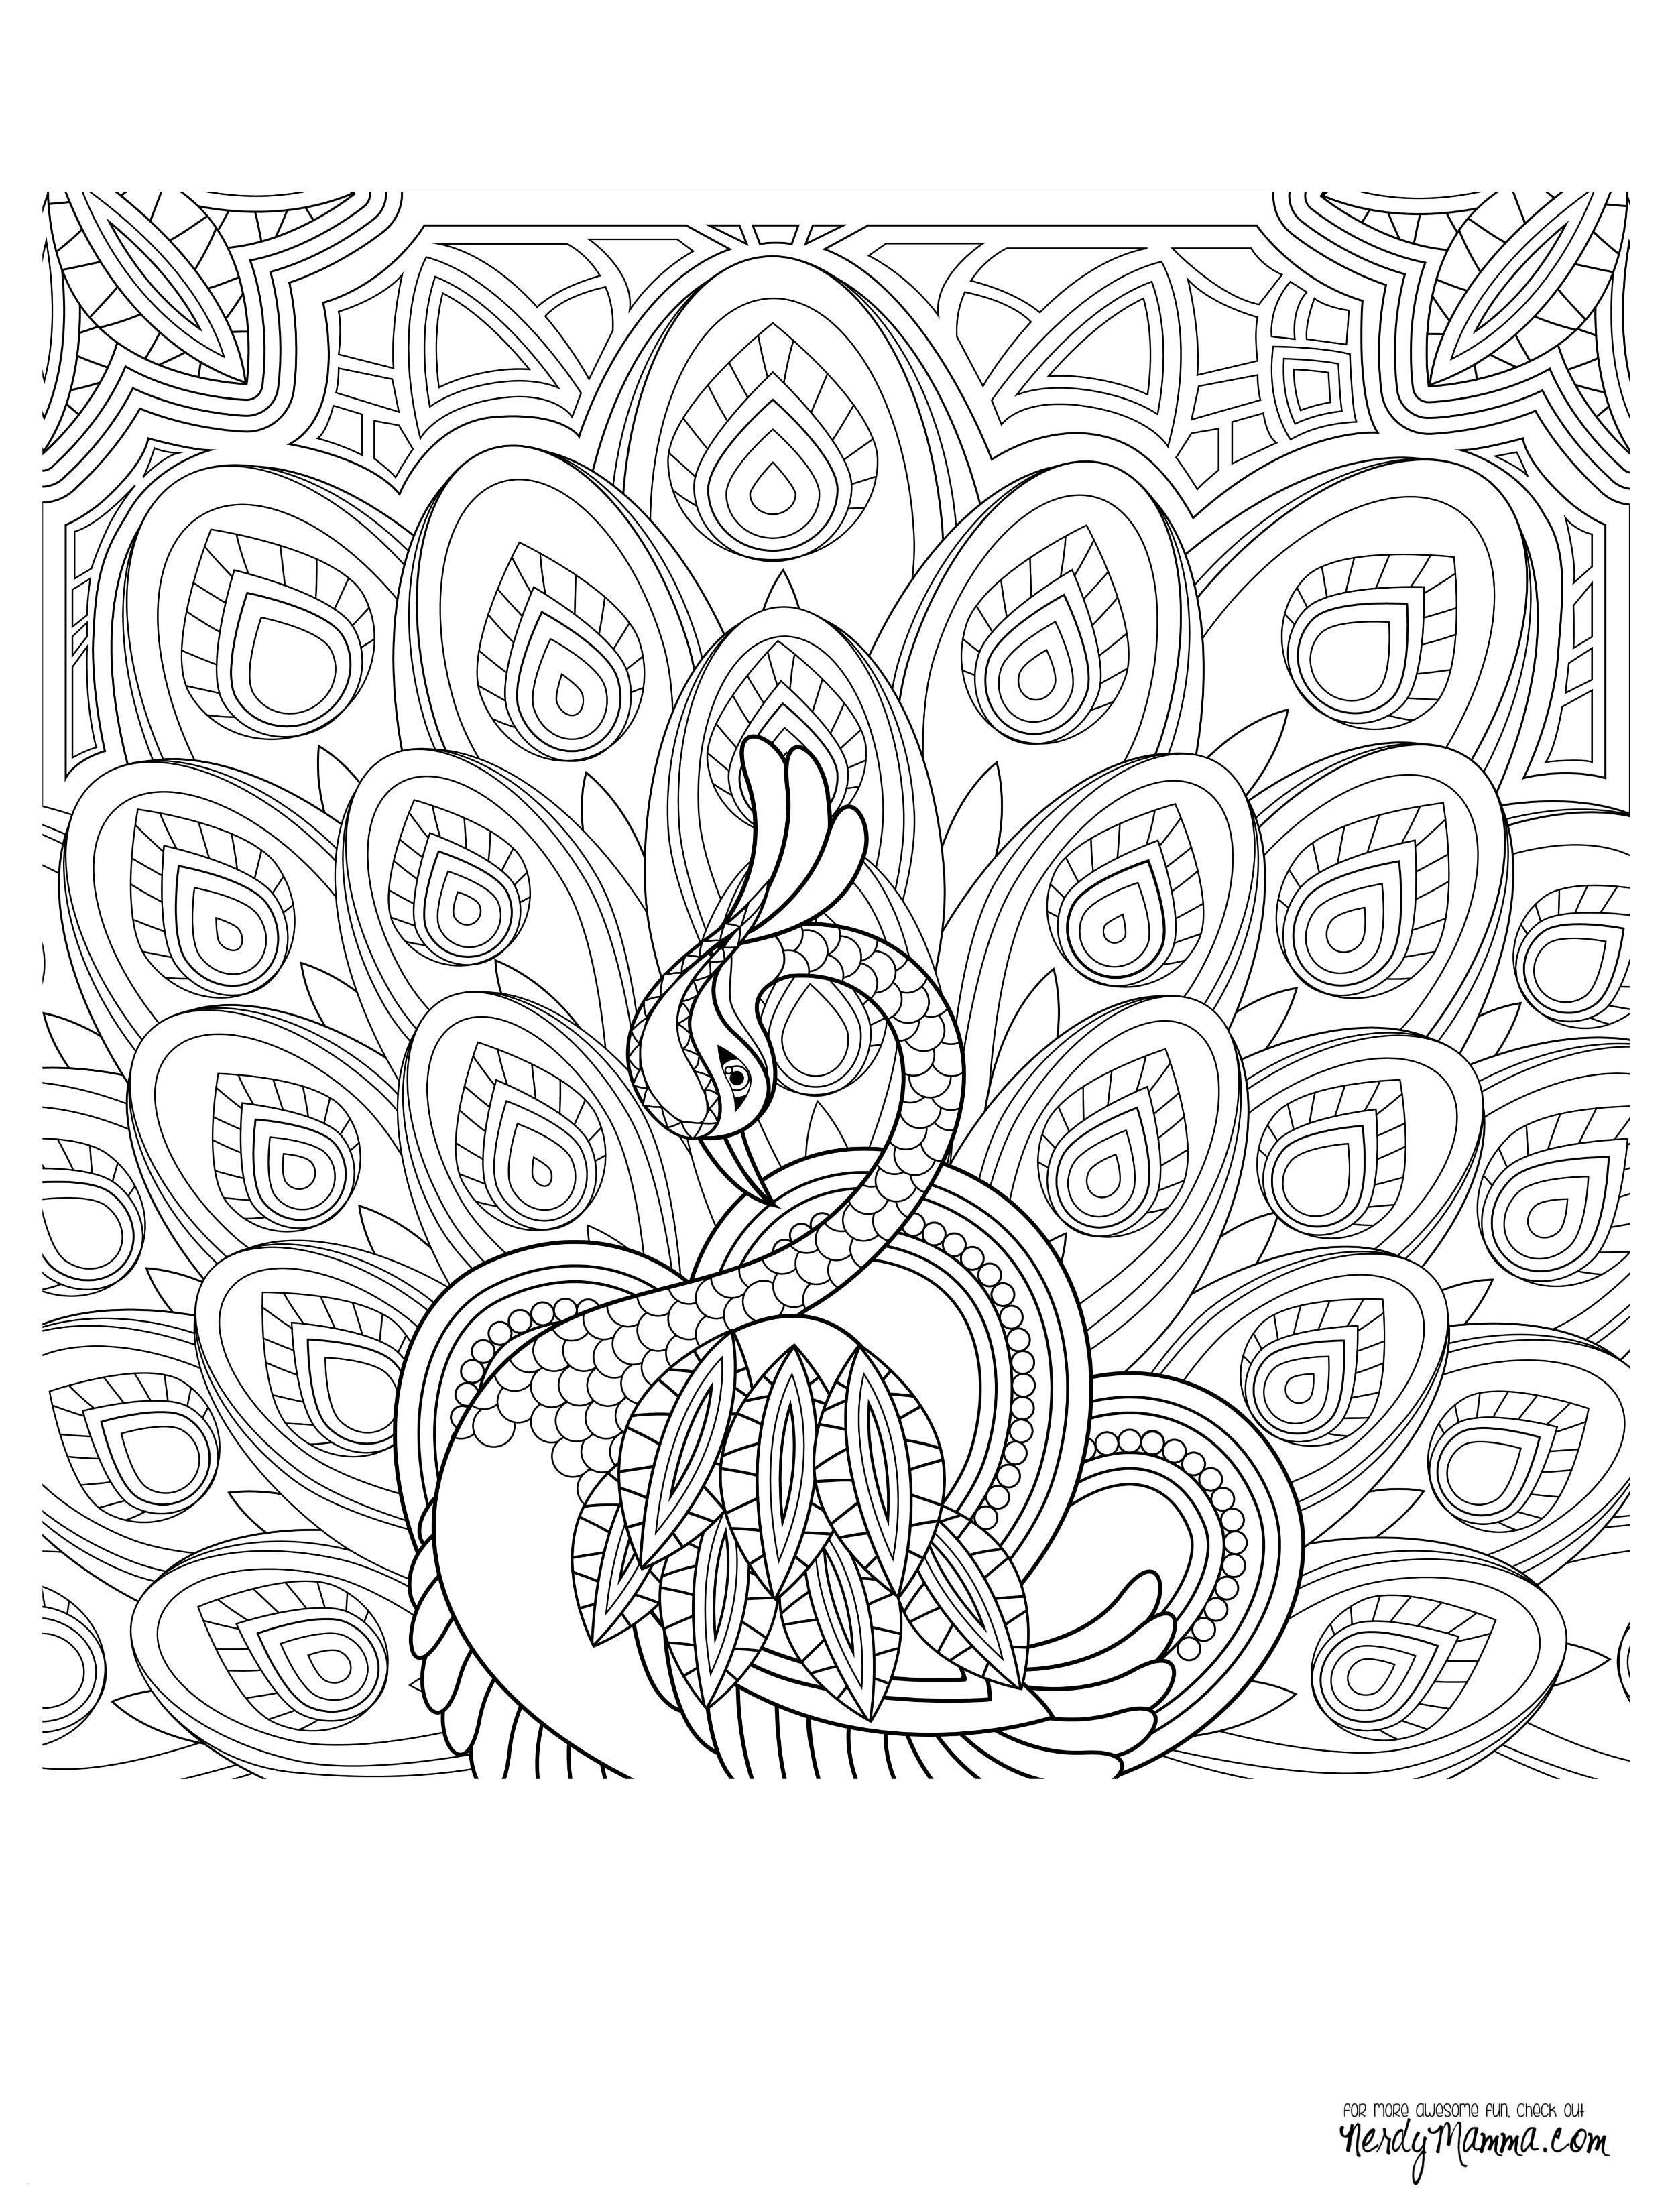 Harry Potter Ausmalbilder Wappen Inspirierend Ausmalbilder Malen Nach Zahlen Zum Drucken Genial Malvorlagen Für Bild